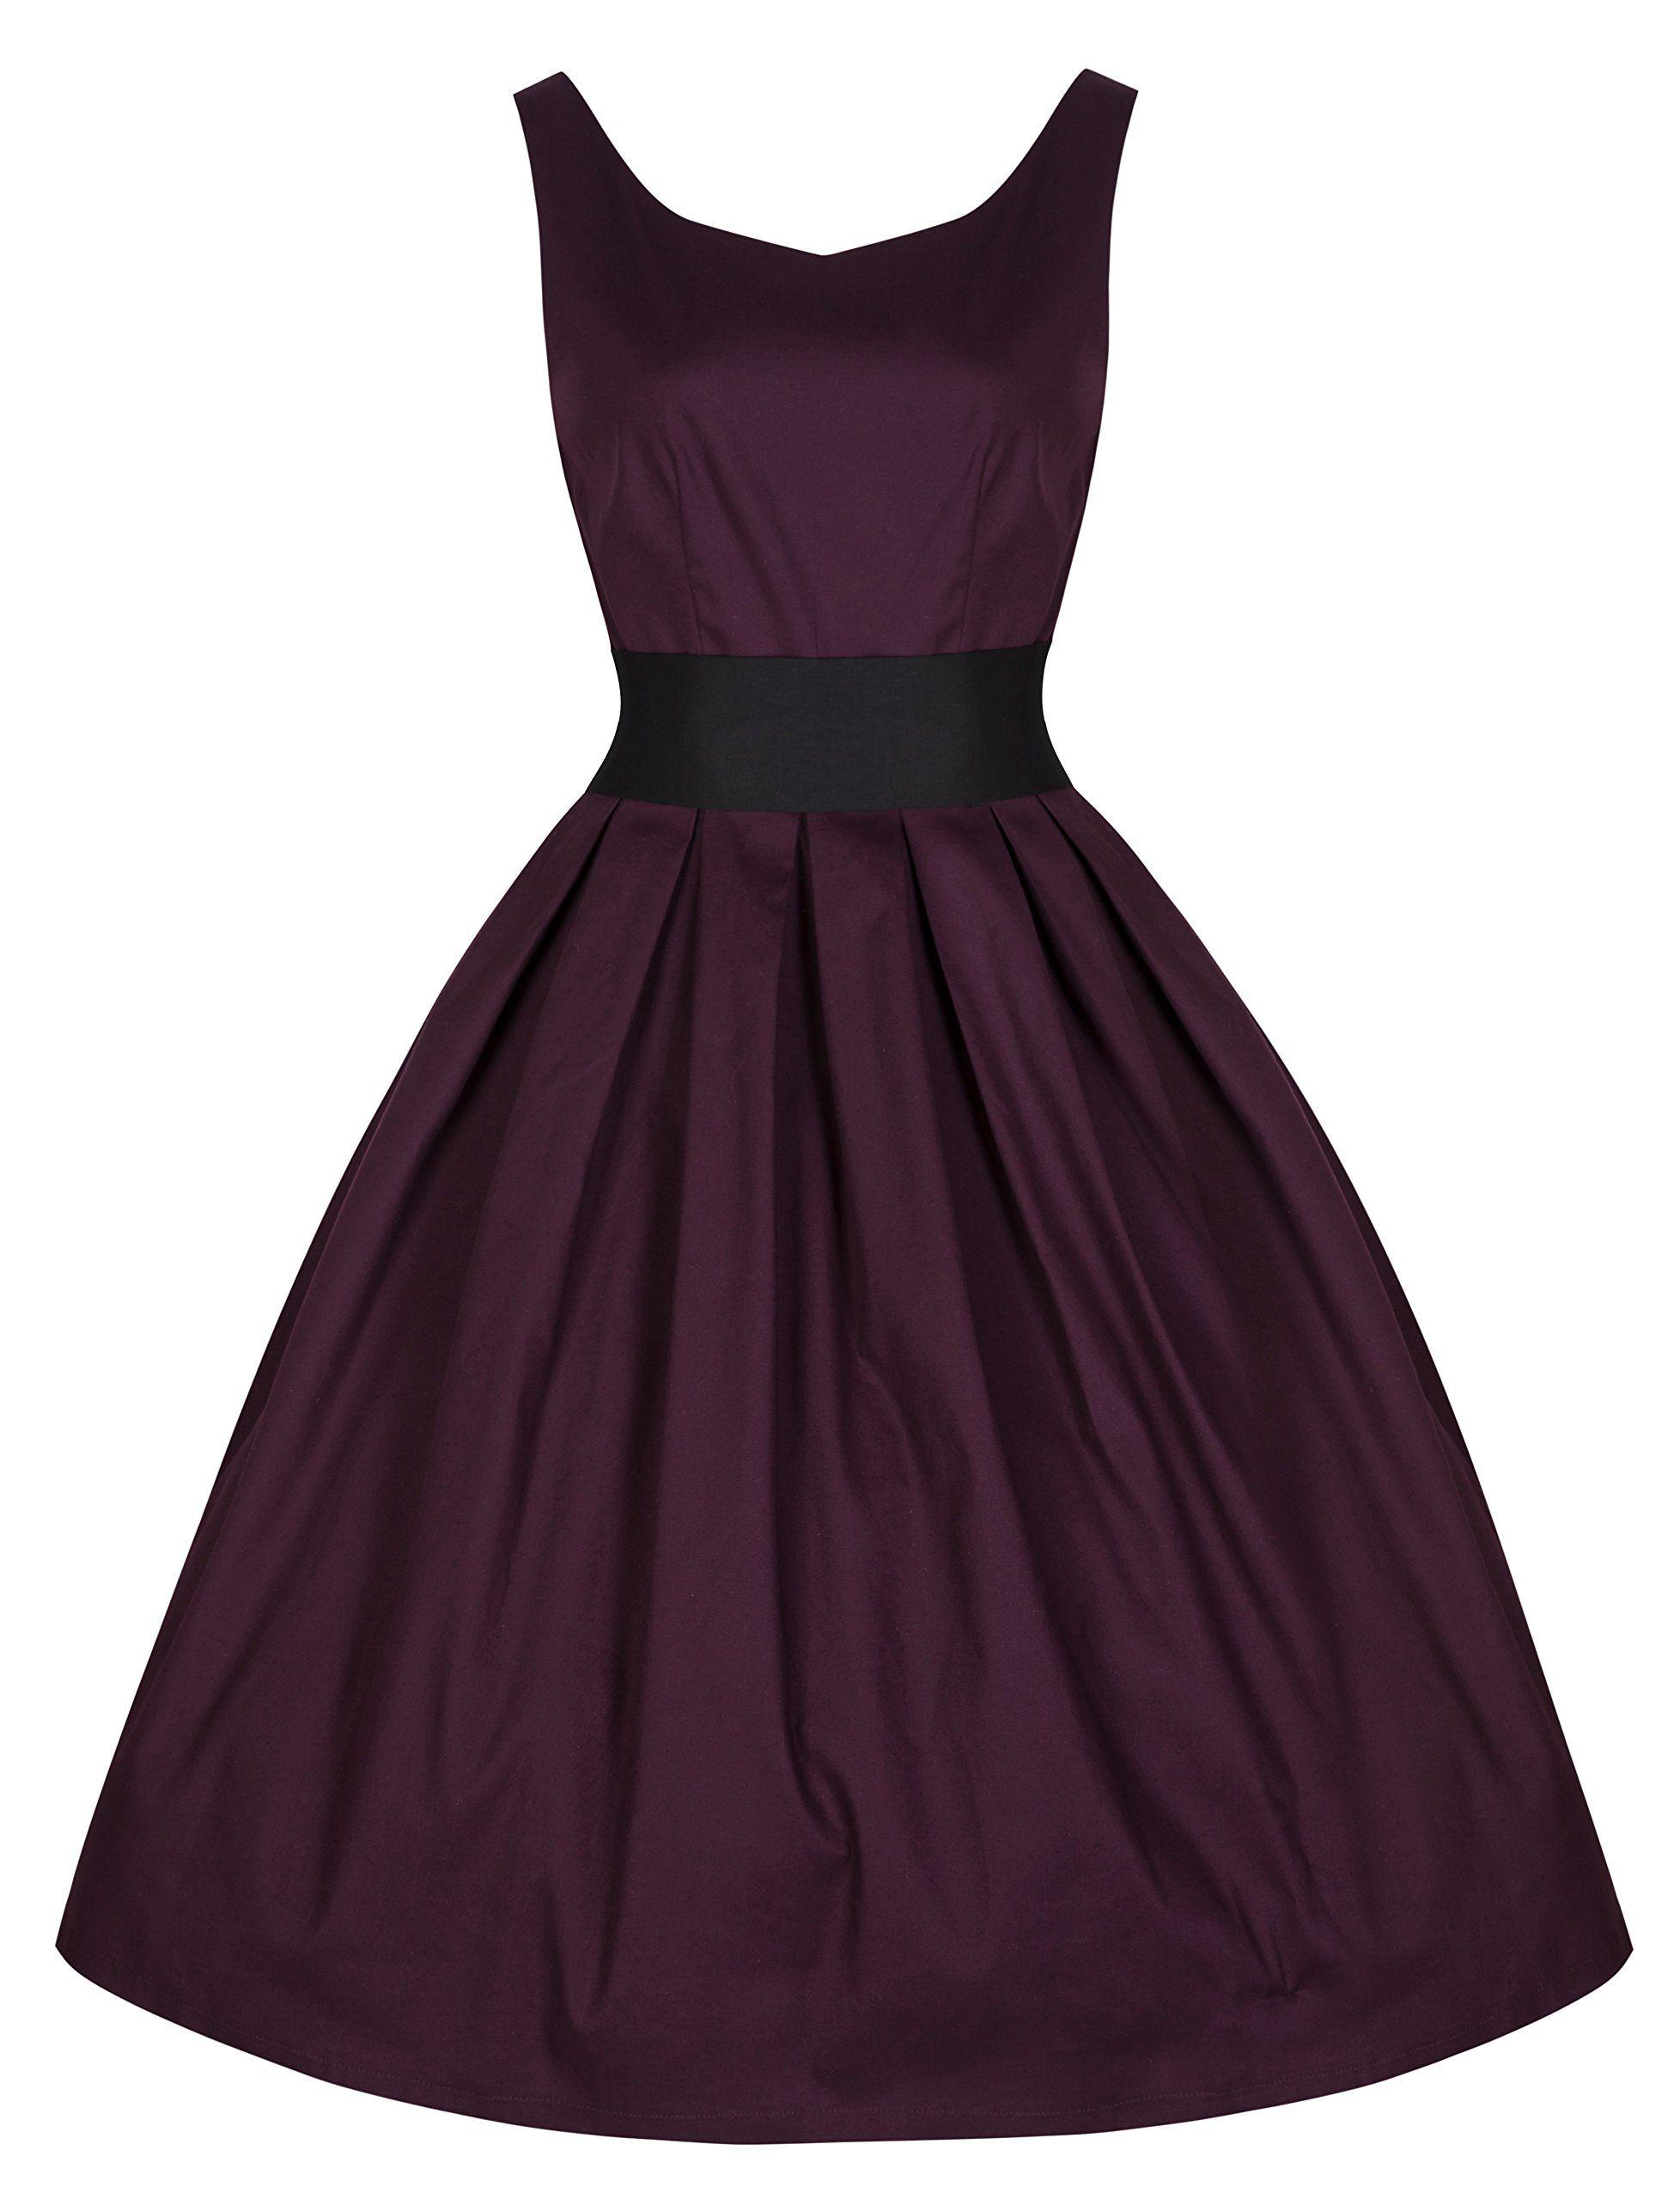 Lindy bop lana vintage 1950s inspired rockabilly swing dress 2xl lindy bop lana vintage 1950s inspired rockabilly swing dress 2xl damson ombrellifo Images